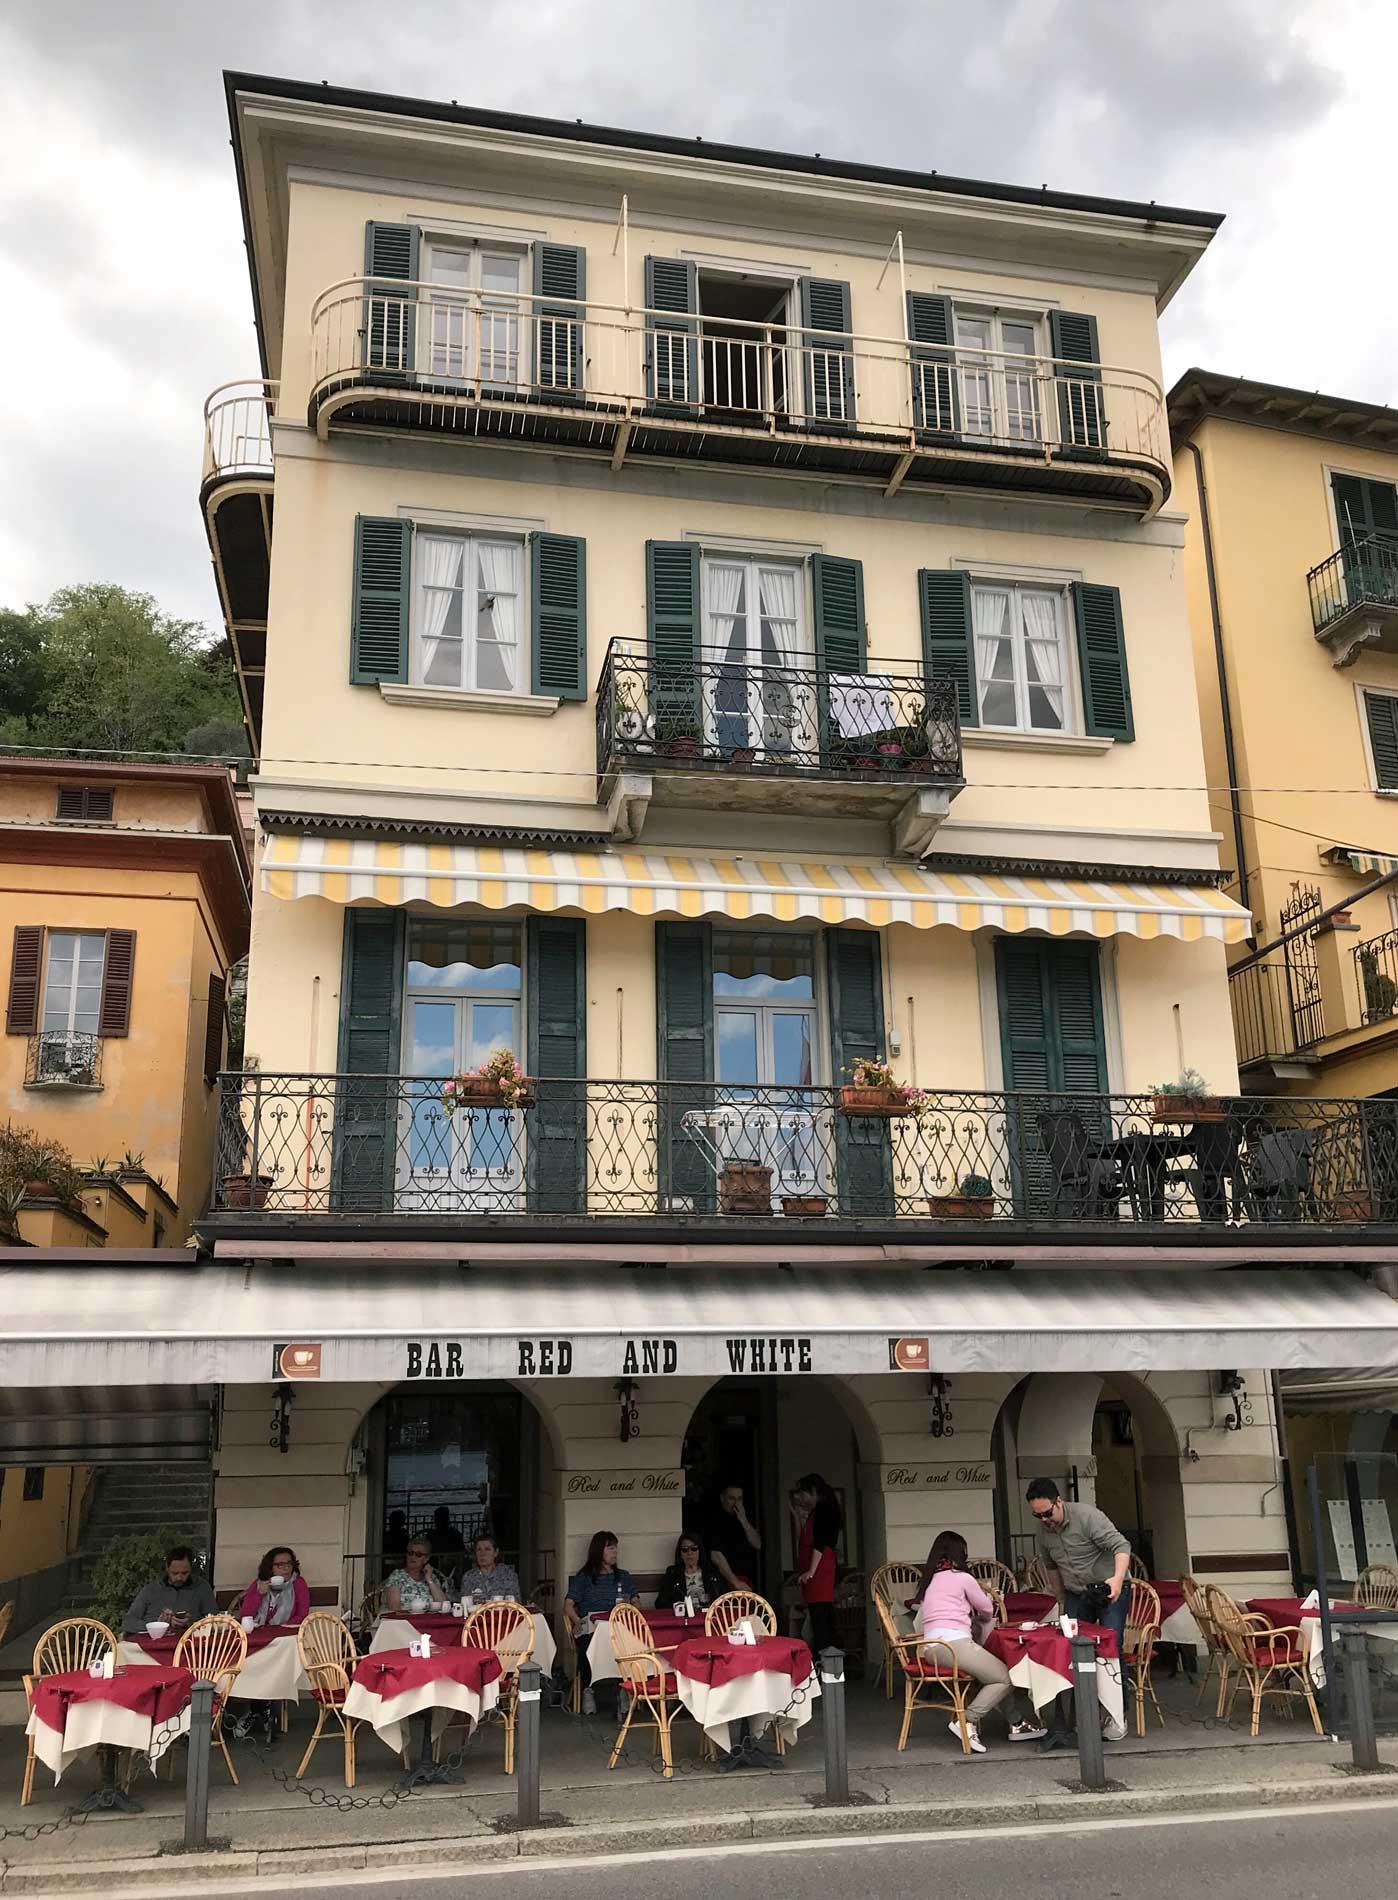 Tremezzo-bar-red-and-white-lungolago-tavolini-turisti